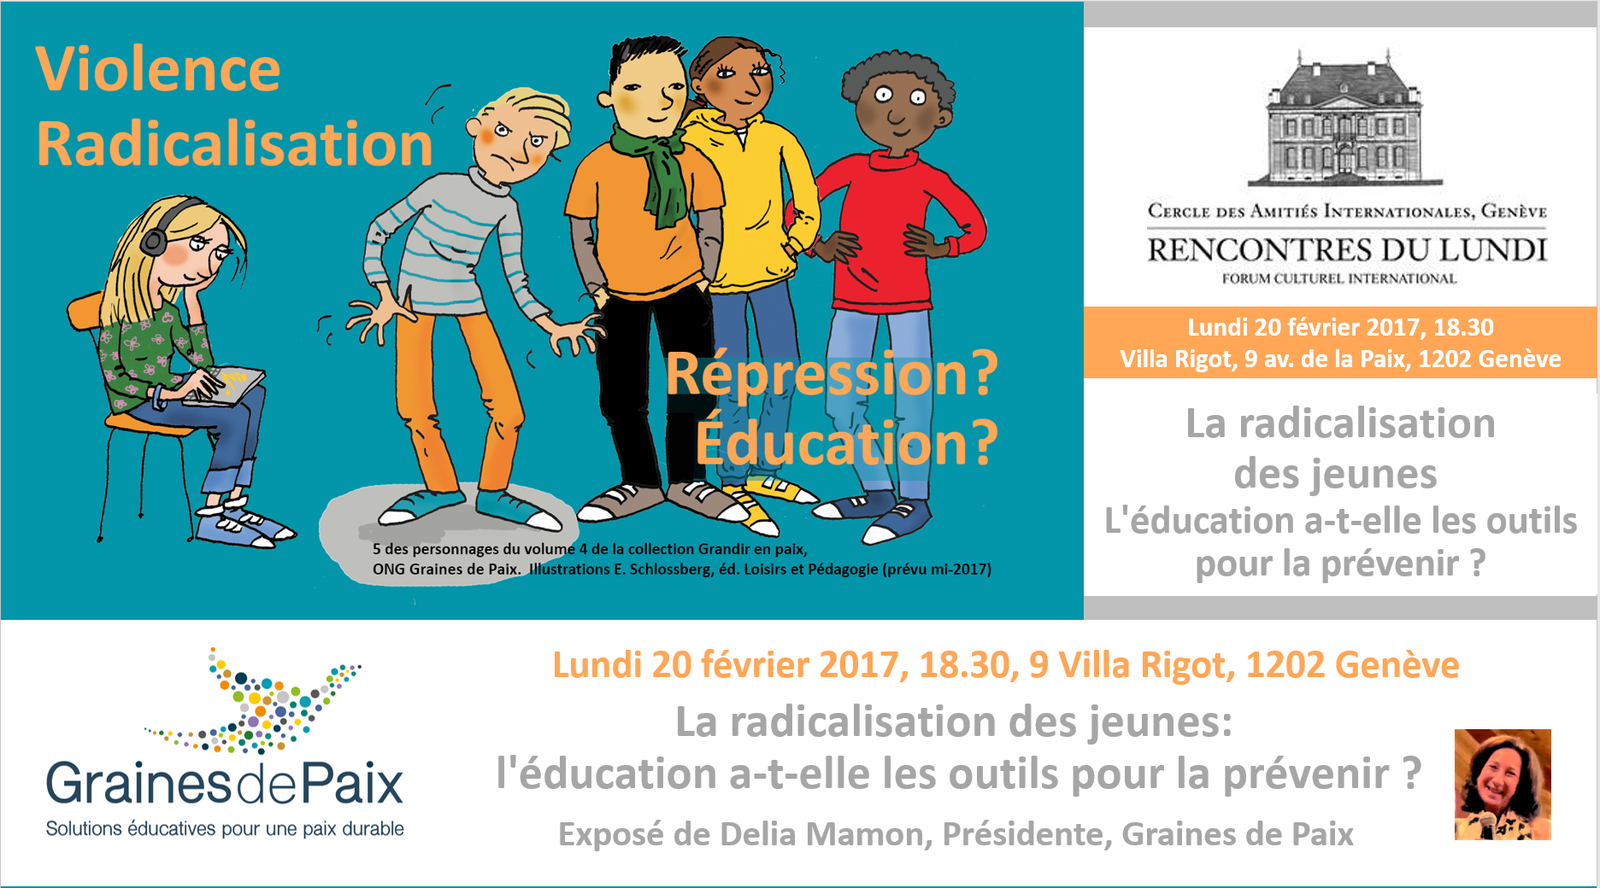 conference-radicalisation-des-jeunes-et-prevention-par-leducation-geneve-20-2.2017